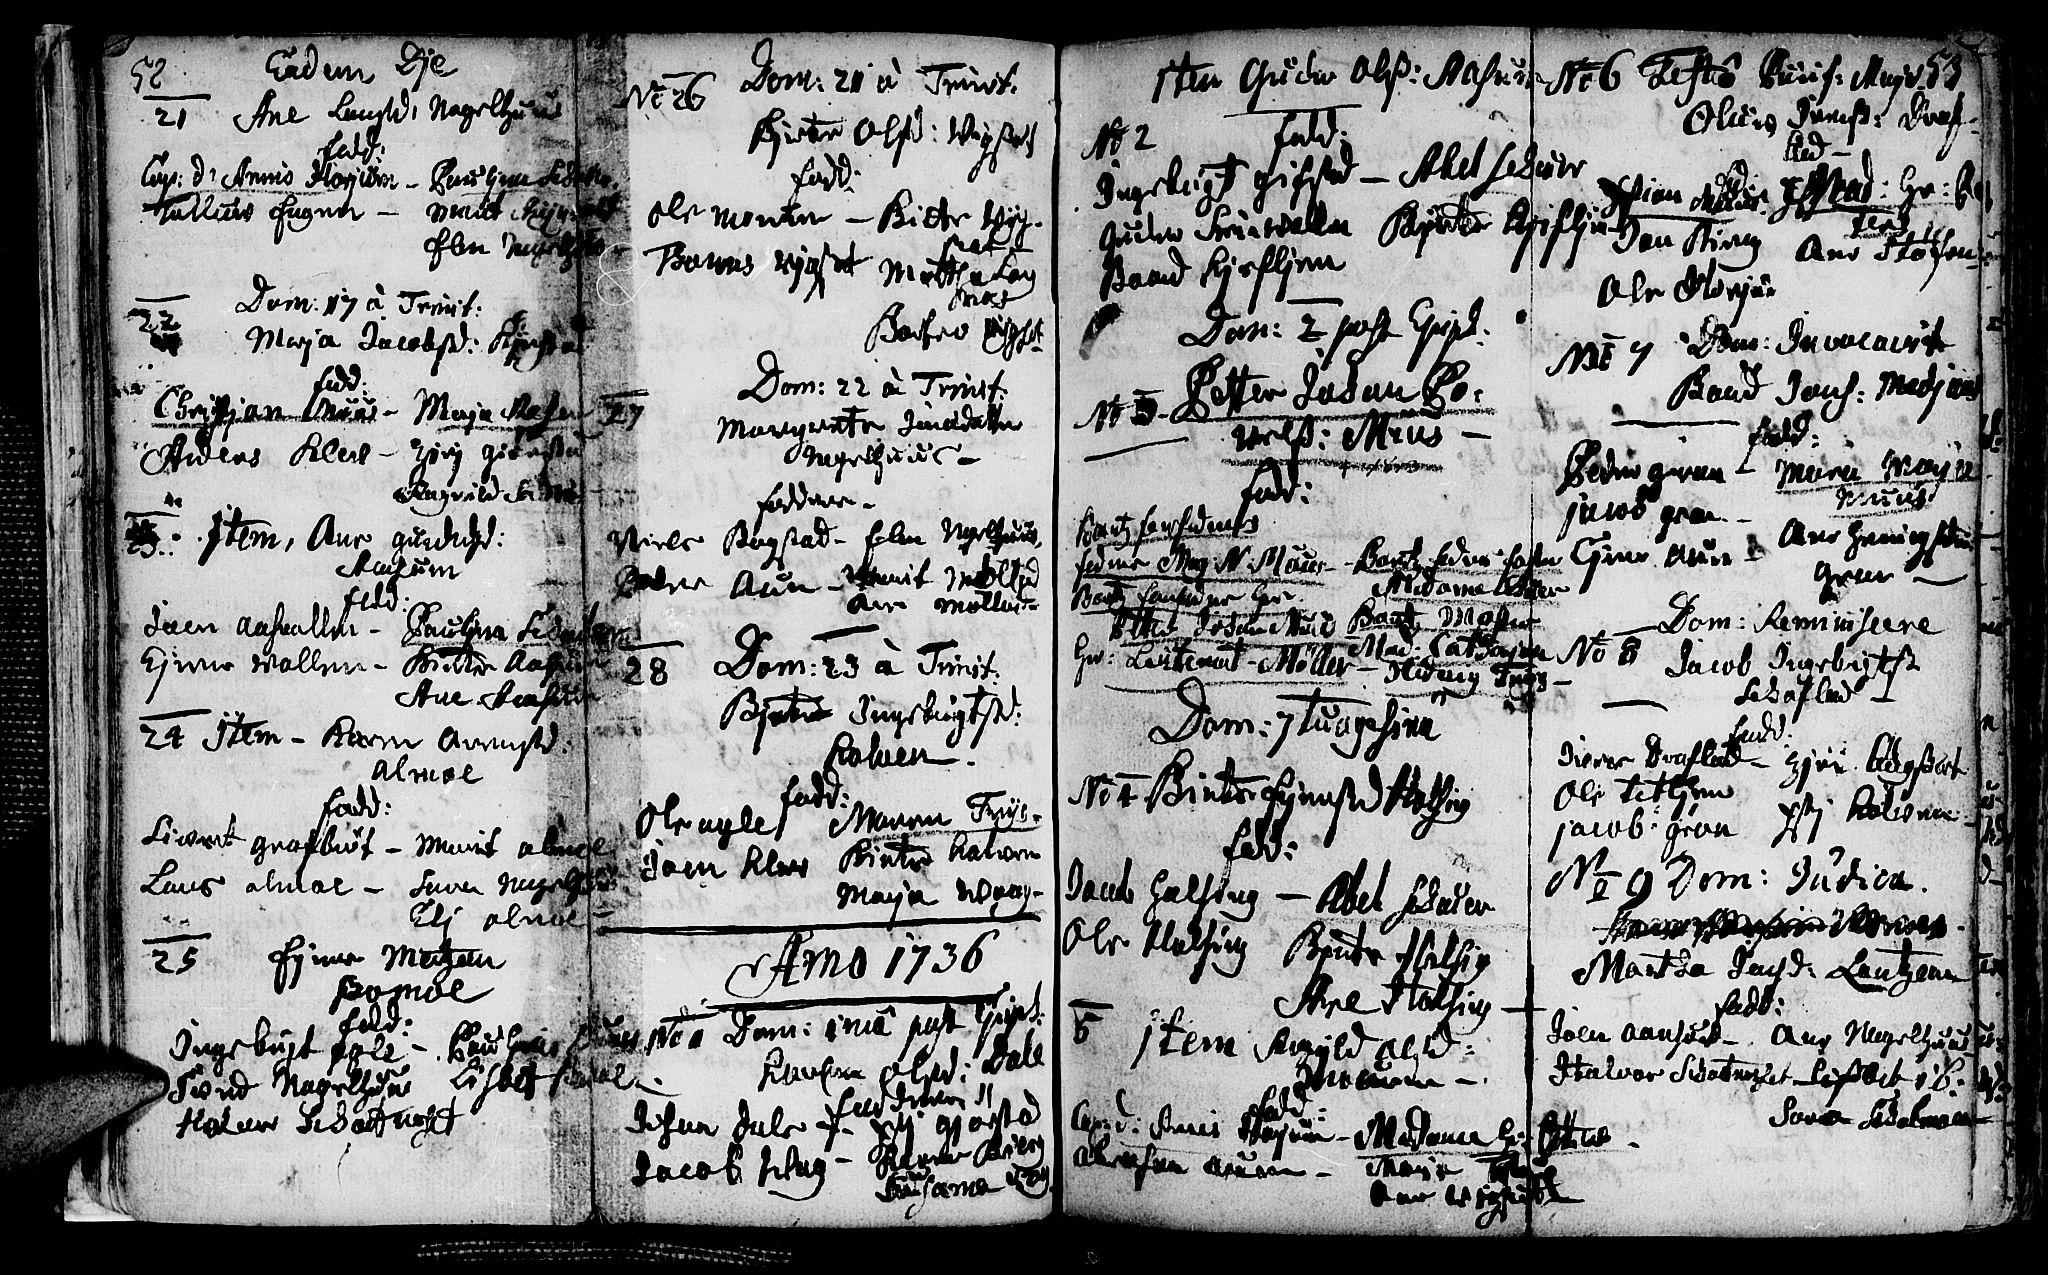 SAT, Ministerialprotokoller, klokkerbøker og fødselsregistre - Nord-Trøndelag, 749/L0467: Ministerialbok nr. 749A01, 1733-1787, s. 52-53